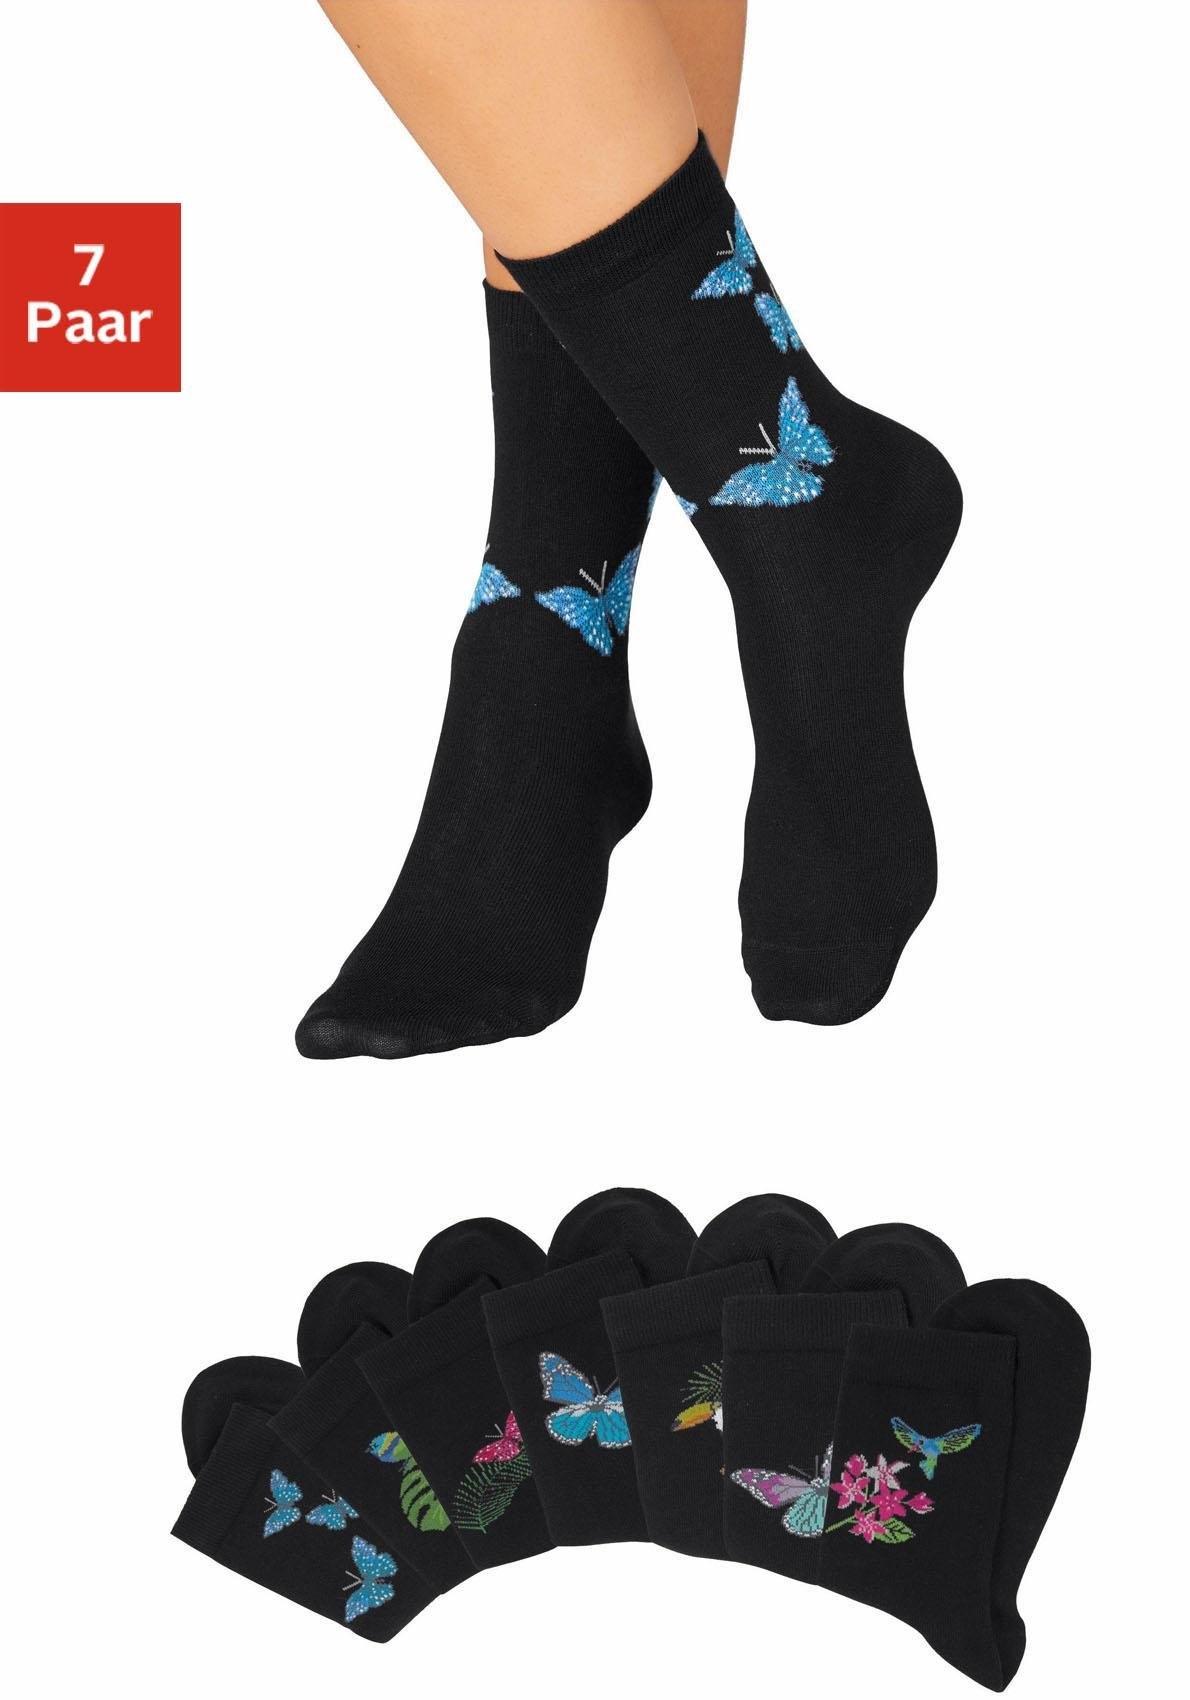 H.I.S sokken (7 paar) online kopen op lascana.nl